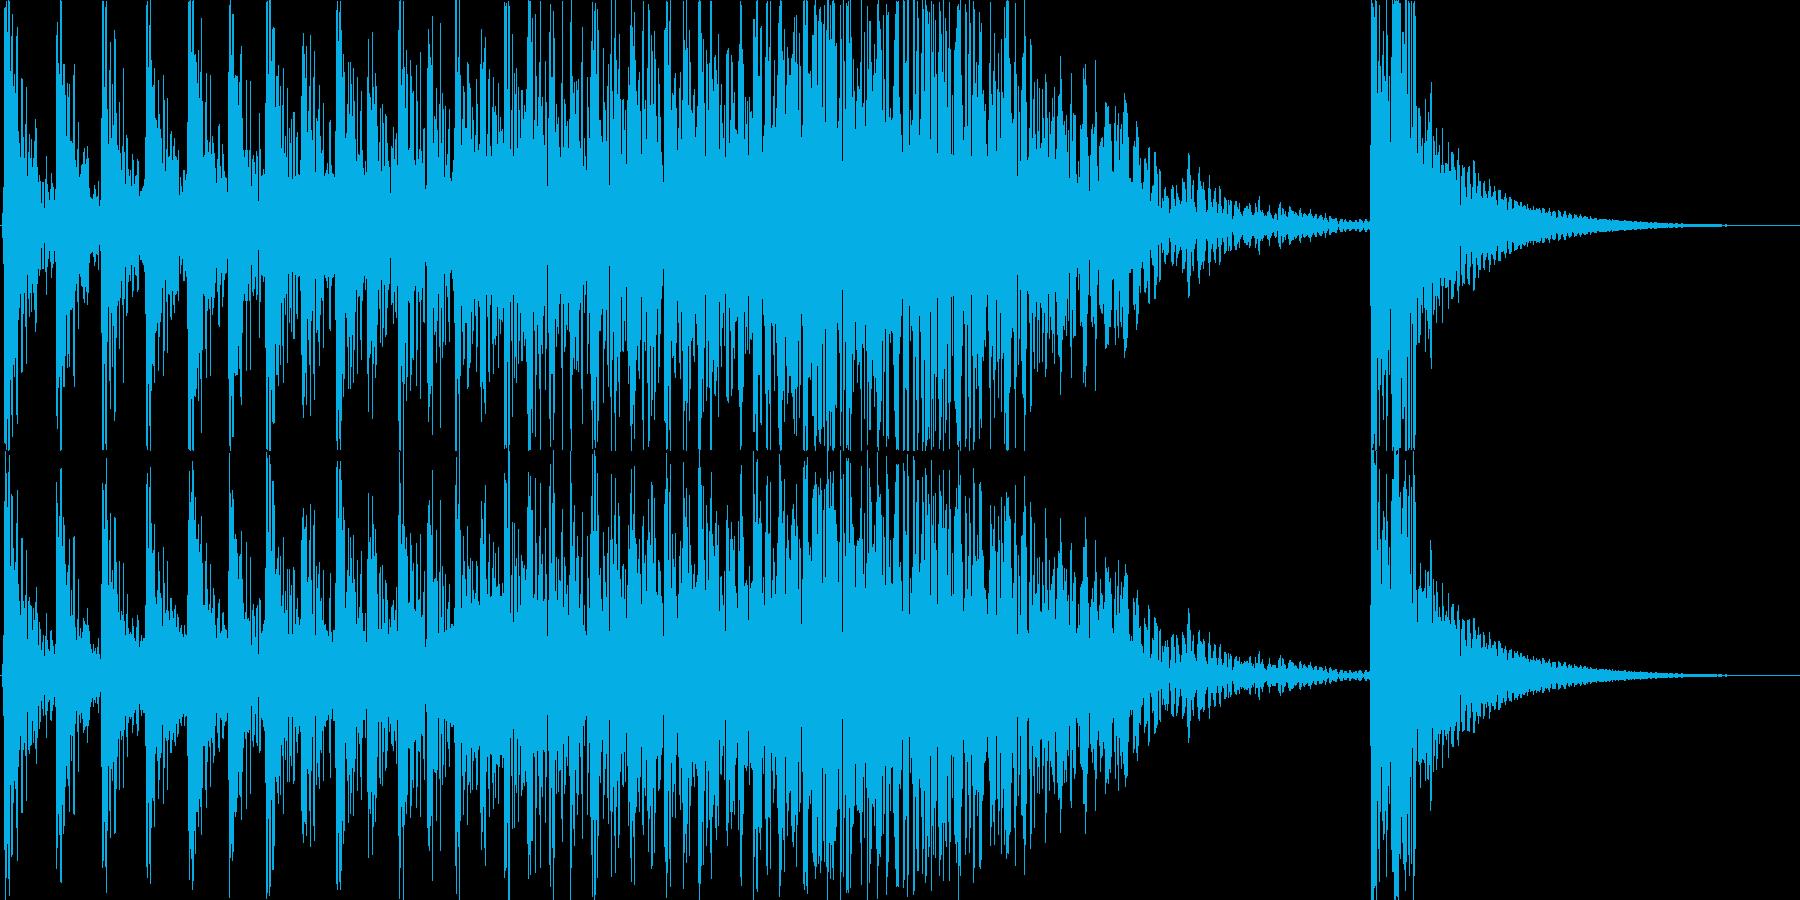 ドコドコドコ…ドドン! 和太鼓のロール音の再生済みの波形